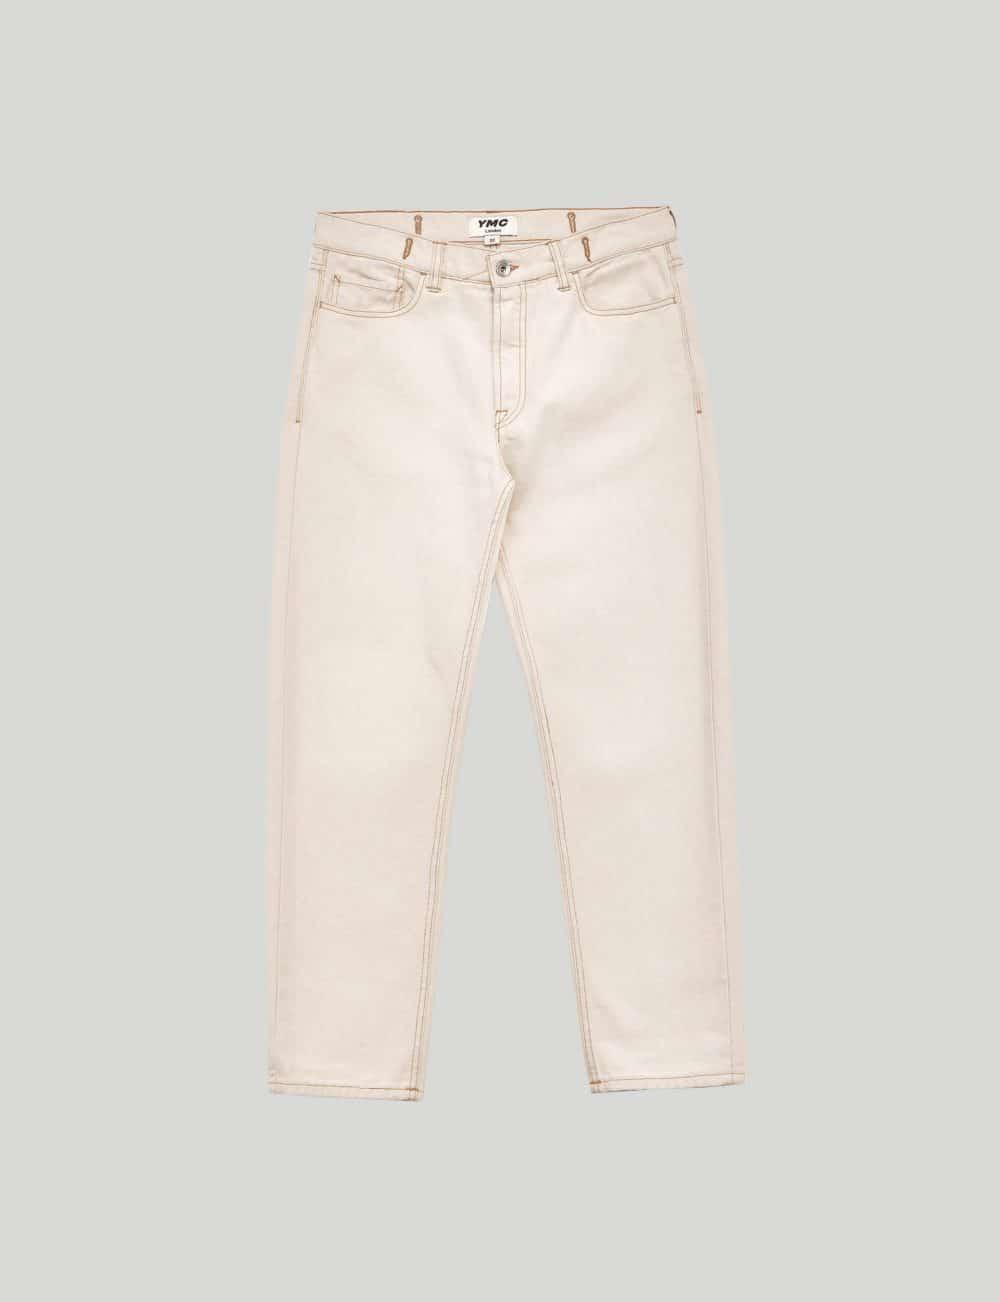 Ymc - Castart - Tearaway jeans - Ecru